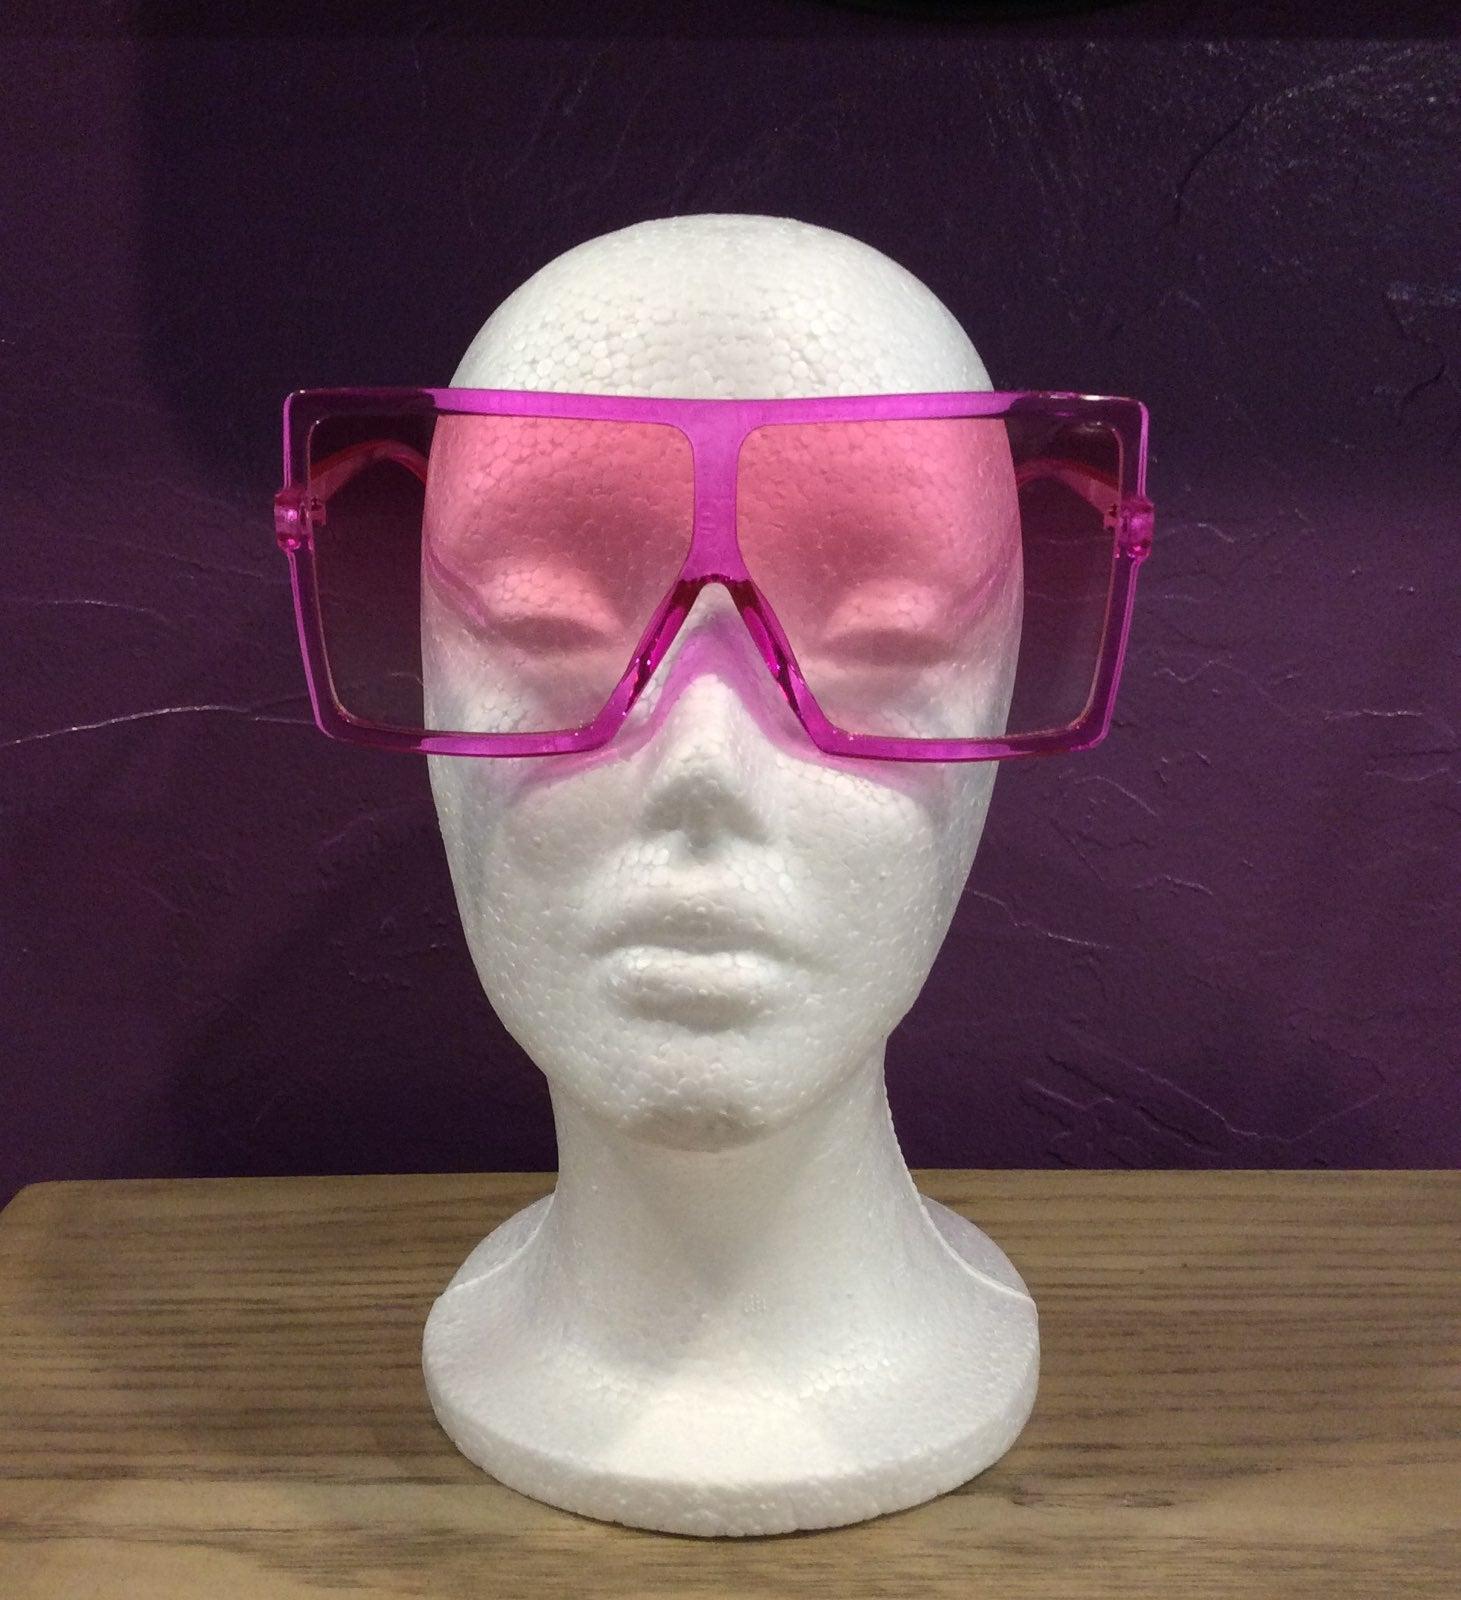 Women Oversized Fashion Sunglasses